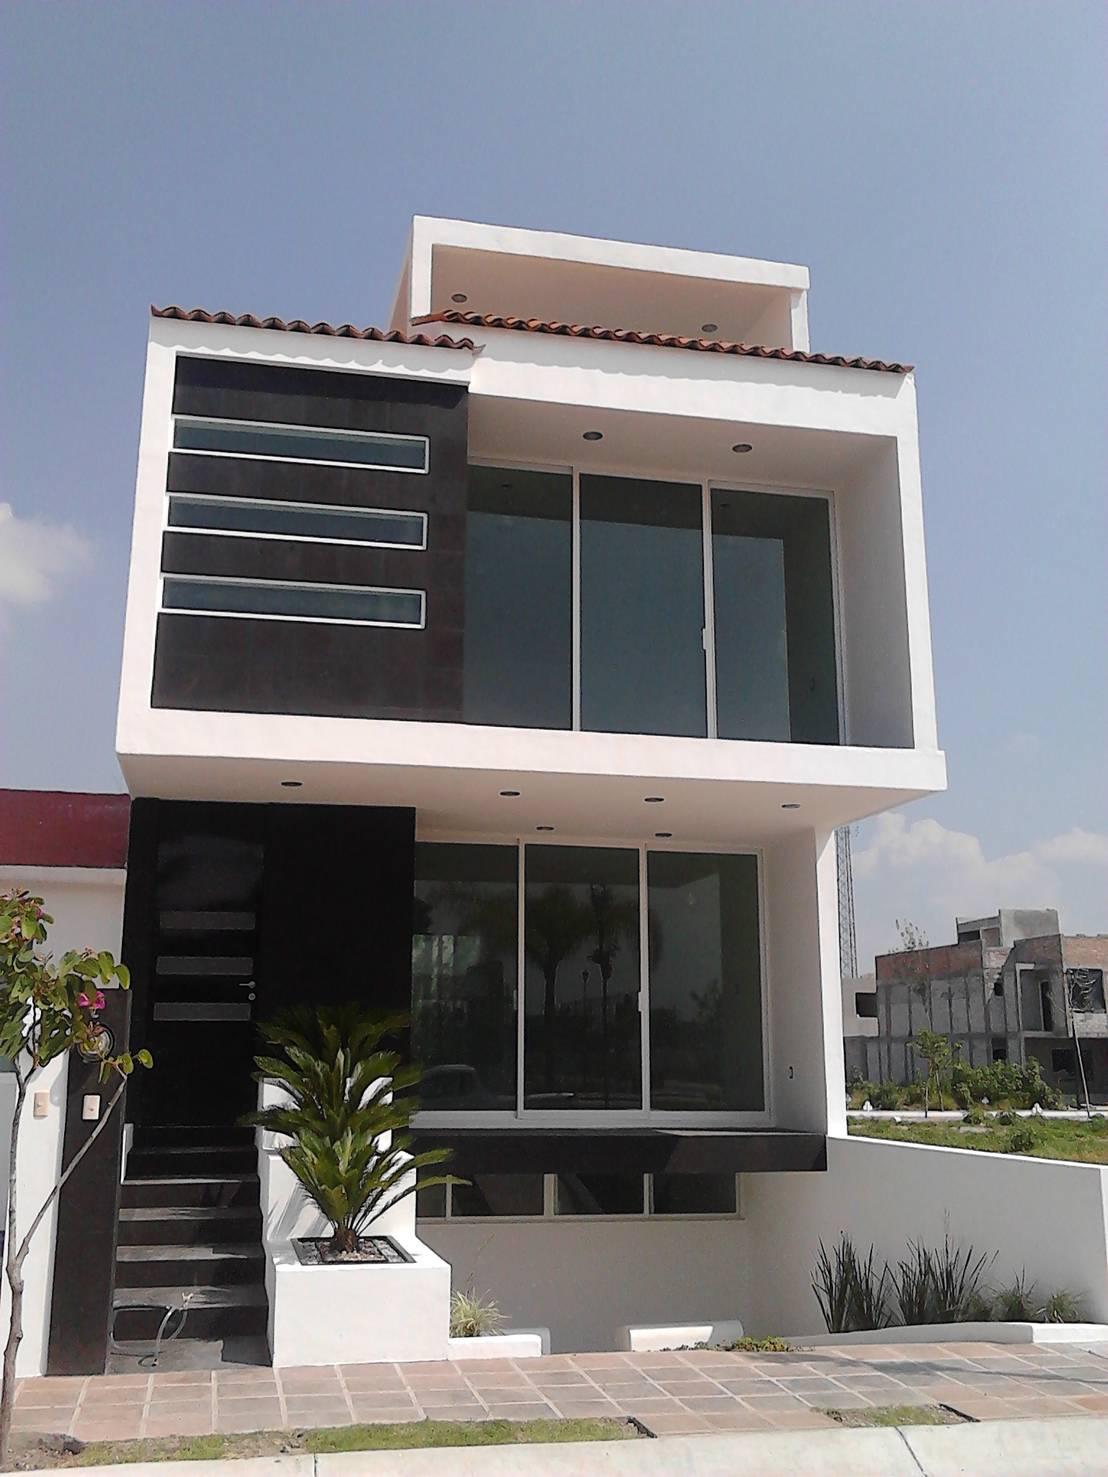 Casa mag de constructora arqoce homify for Homify casas